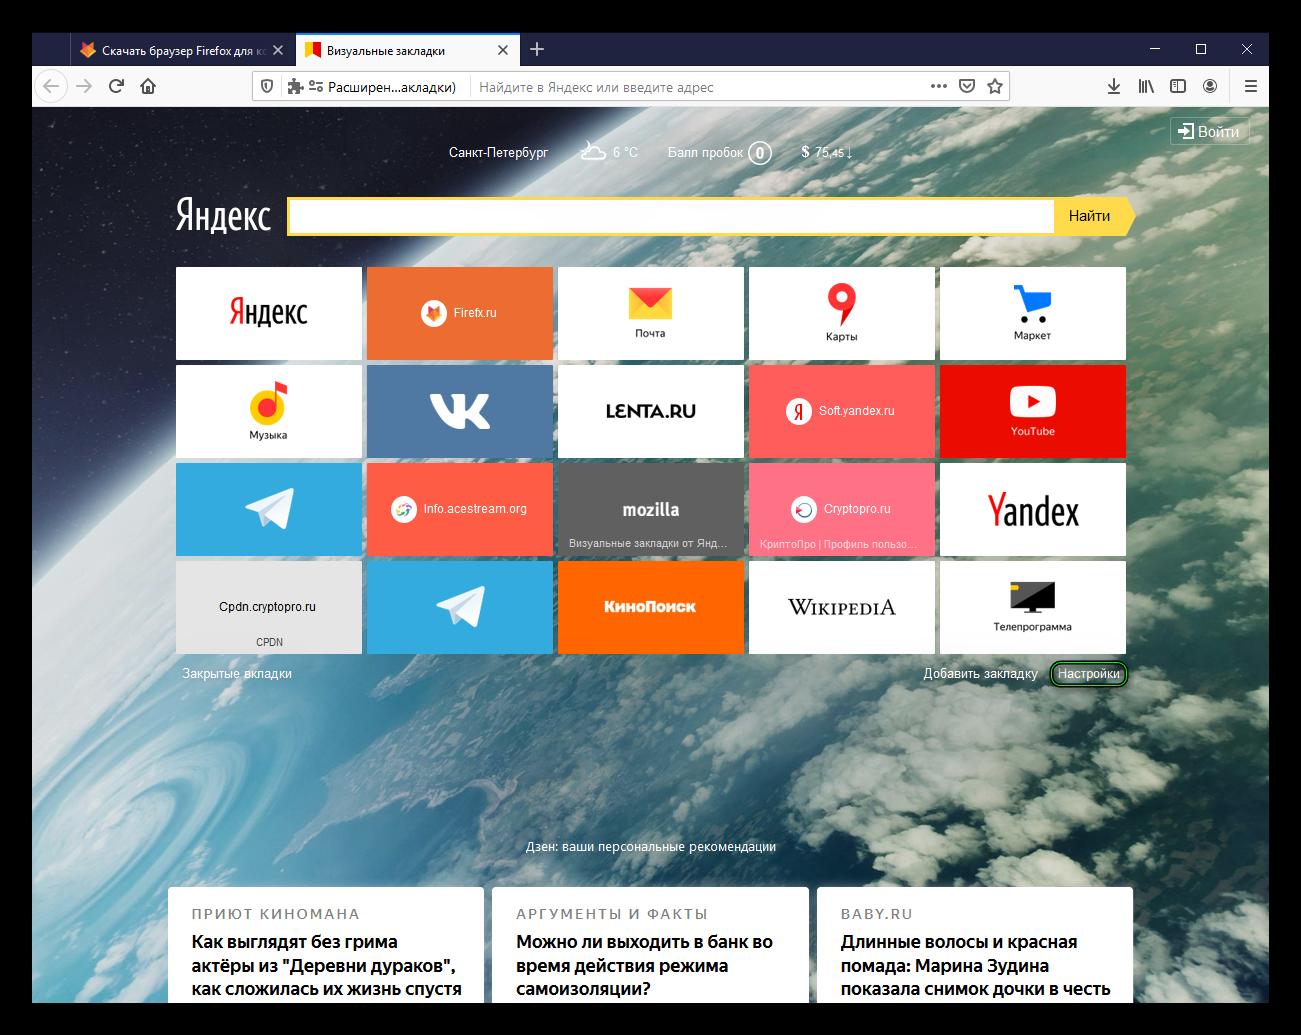 Пункт Настройки для расширения Визуальные закладки от Яндекс